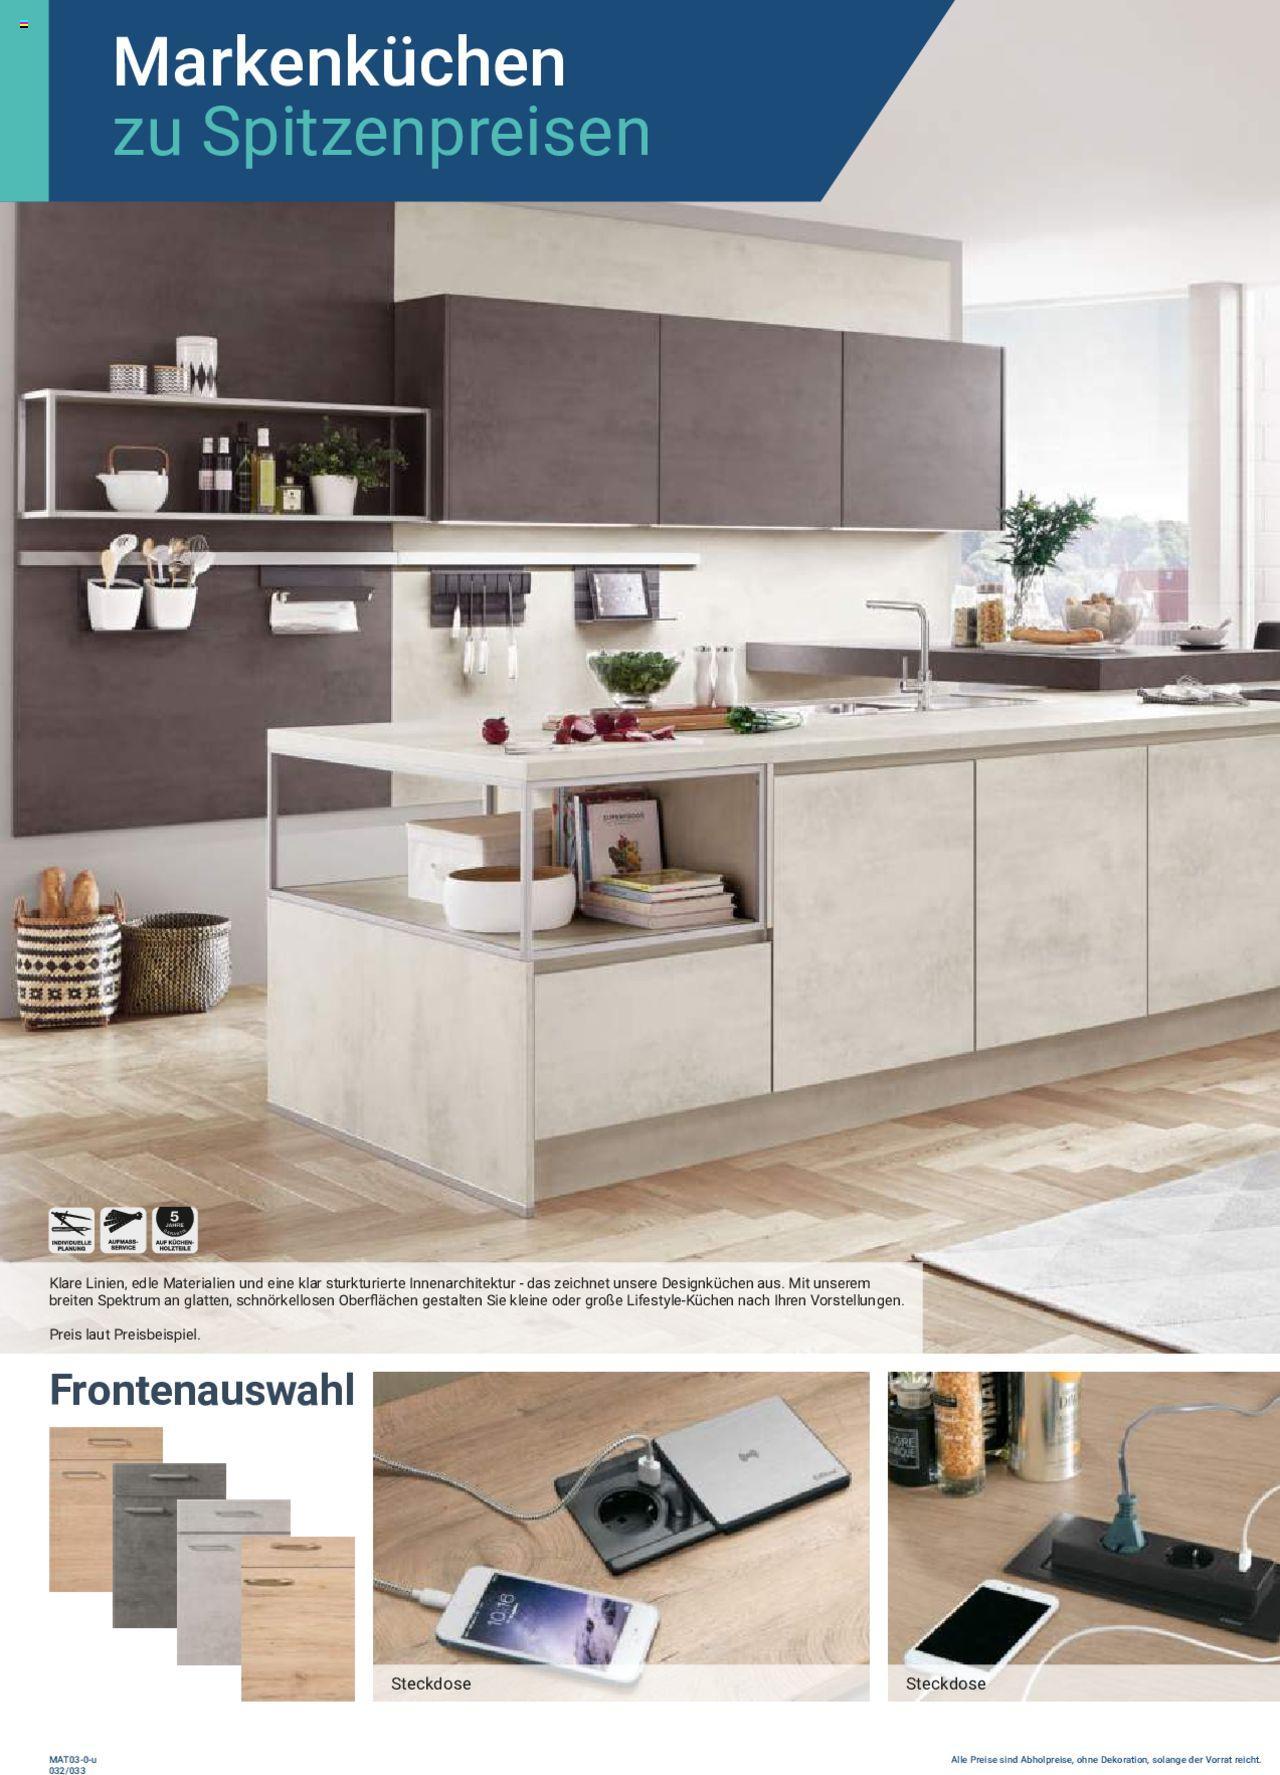 Full Size of Möbelix Küchen Mbeliflugblatt Angebote 02032020 02032021 Regal Wohnzimmer Möbelix Küchen